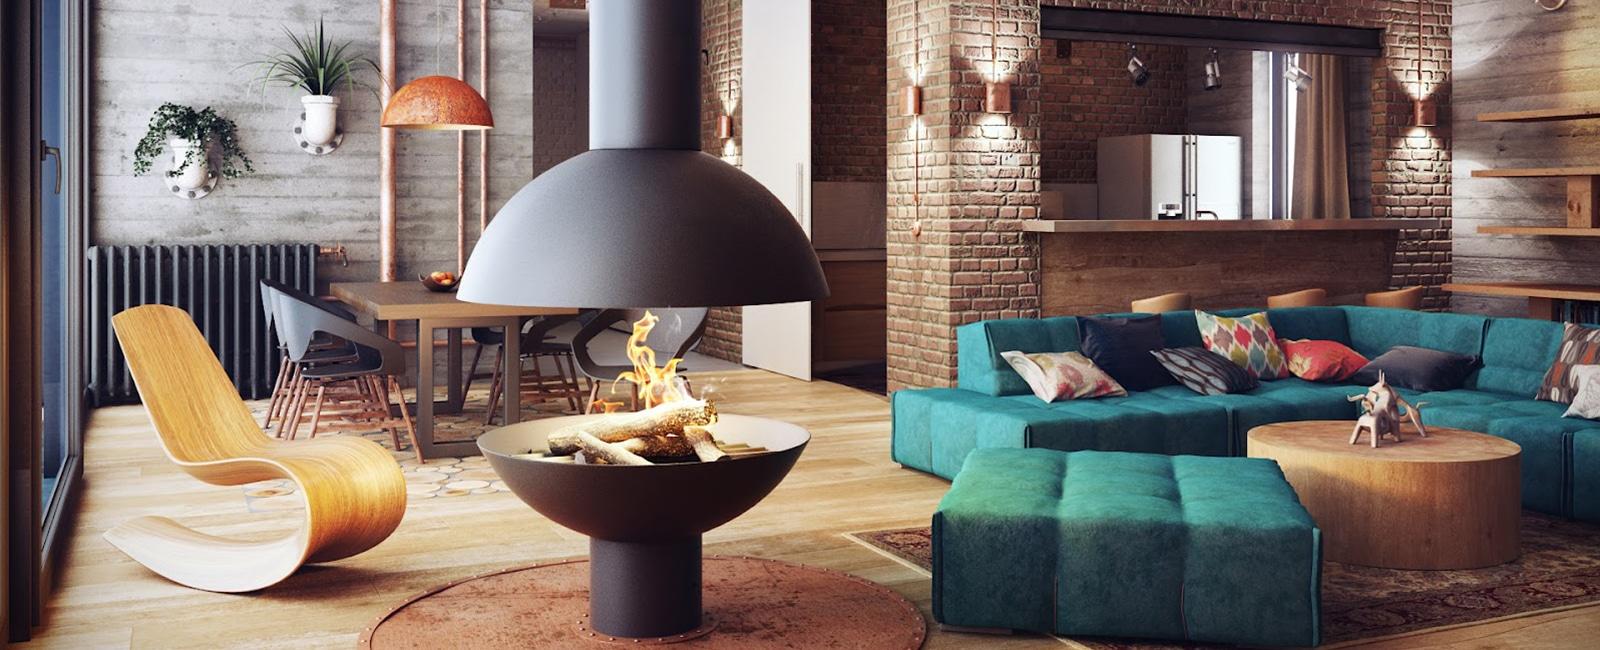 Style industriel : meubles et objets de décoration